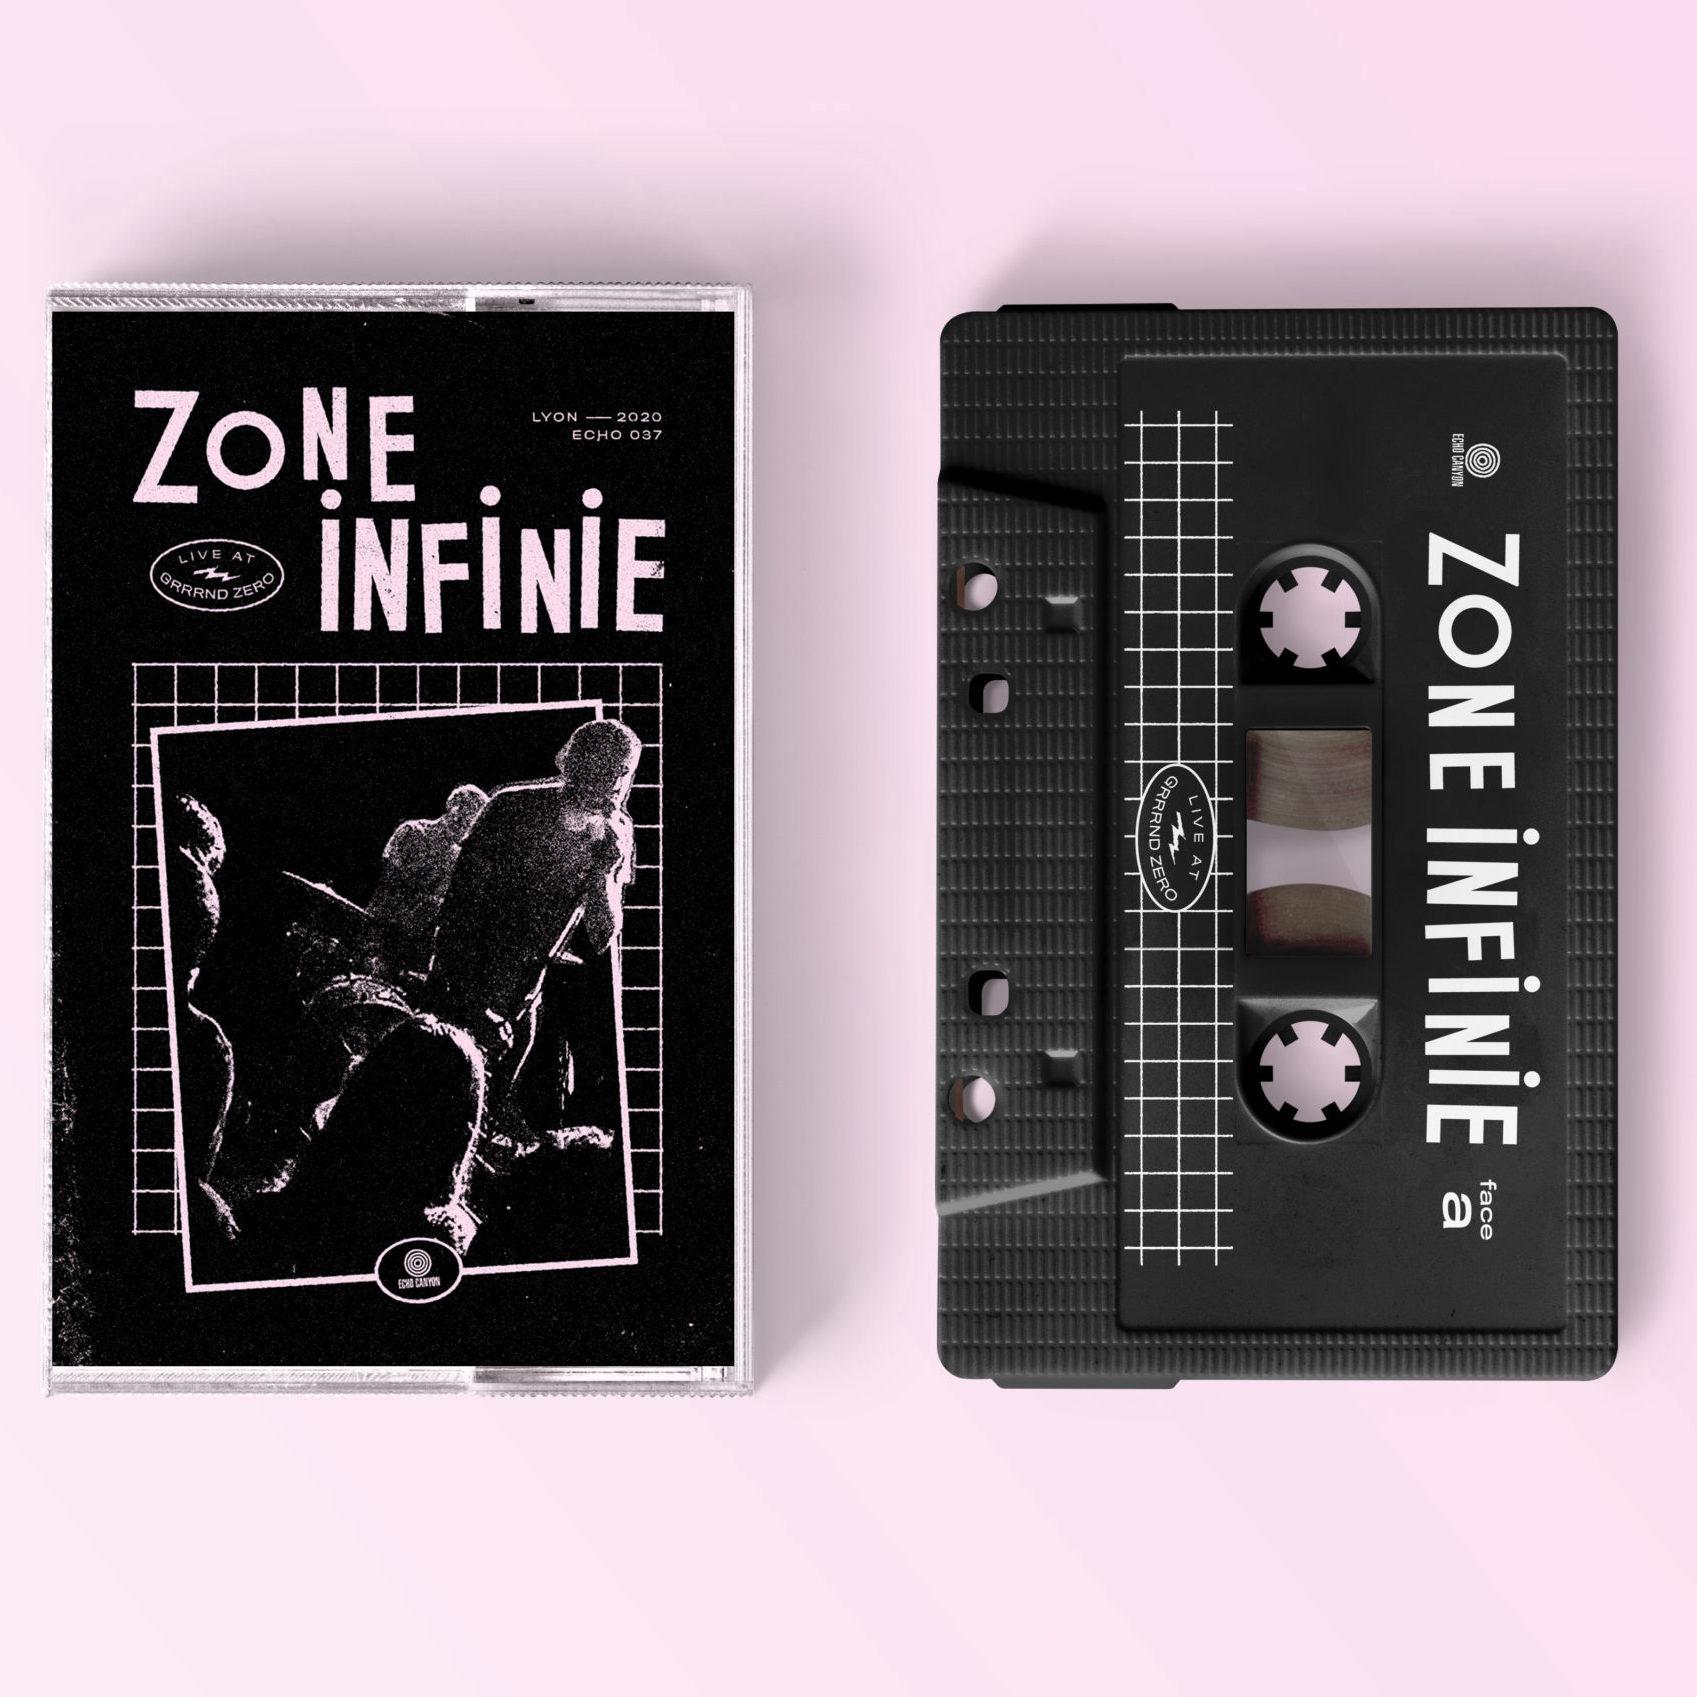 Zone Infini - live at Grrrnd Zero